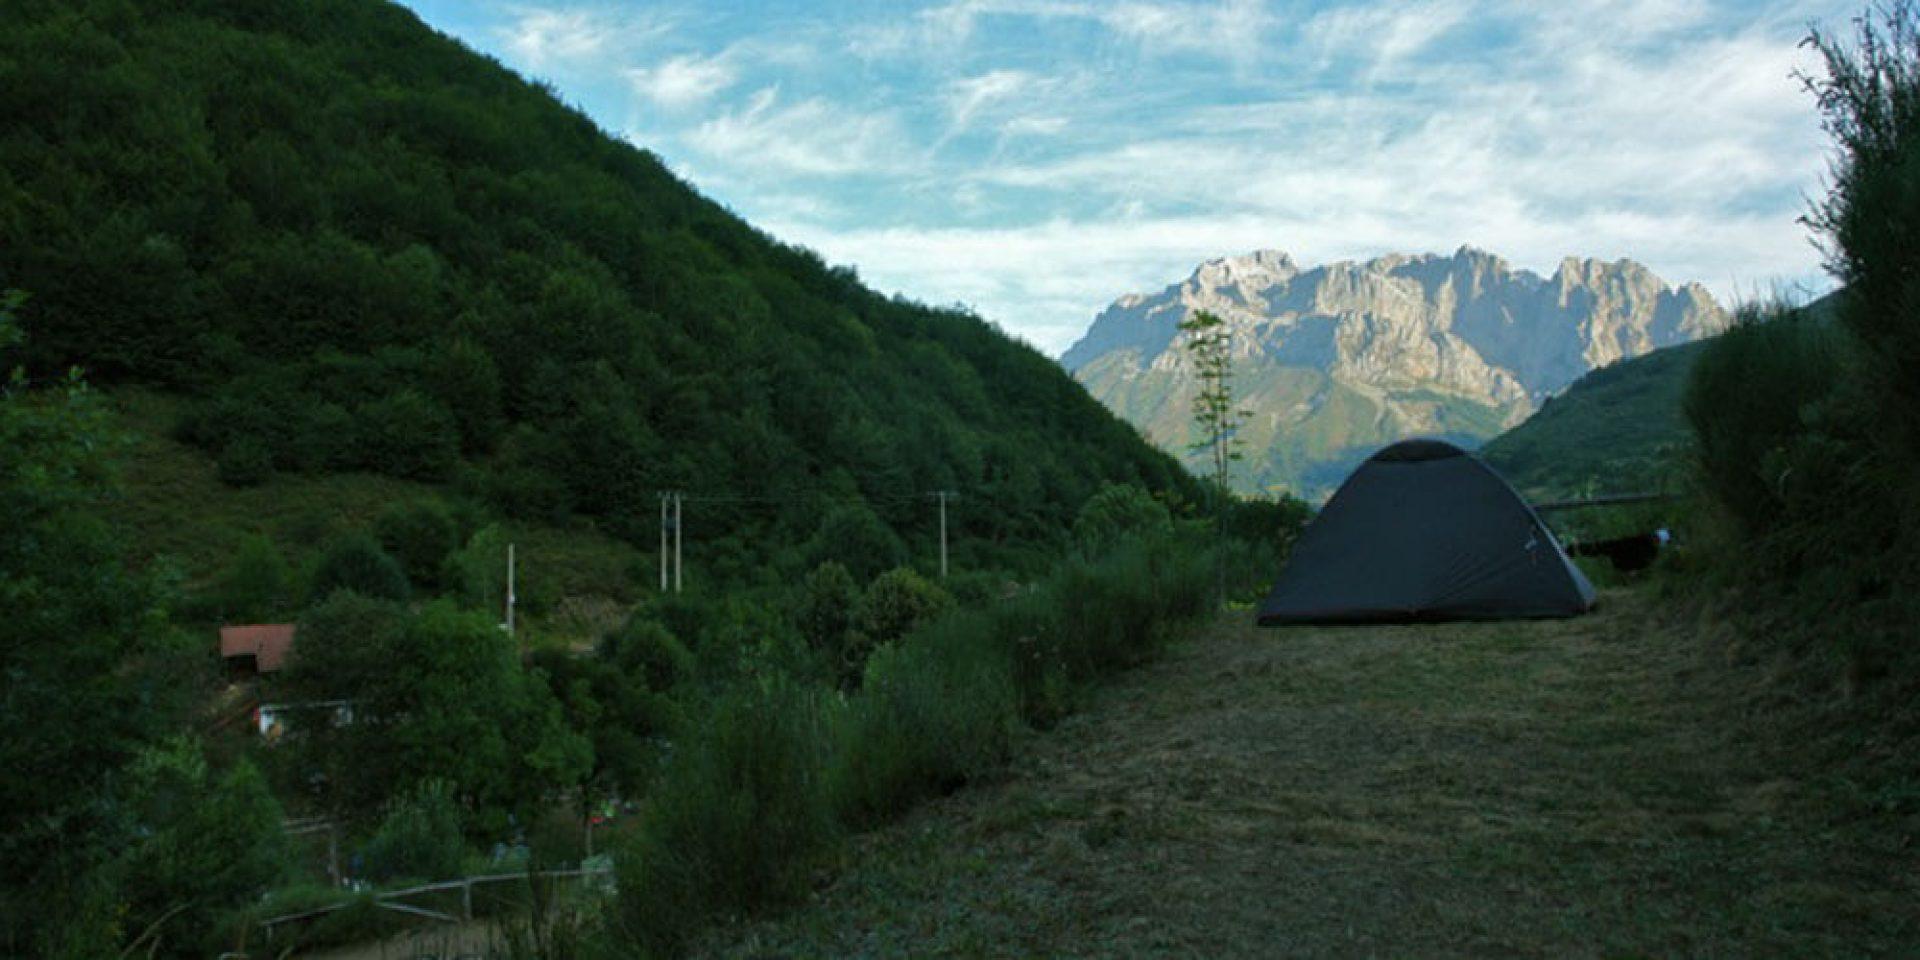 acampada en mirador